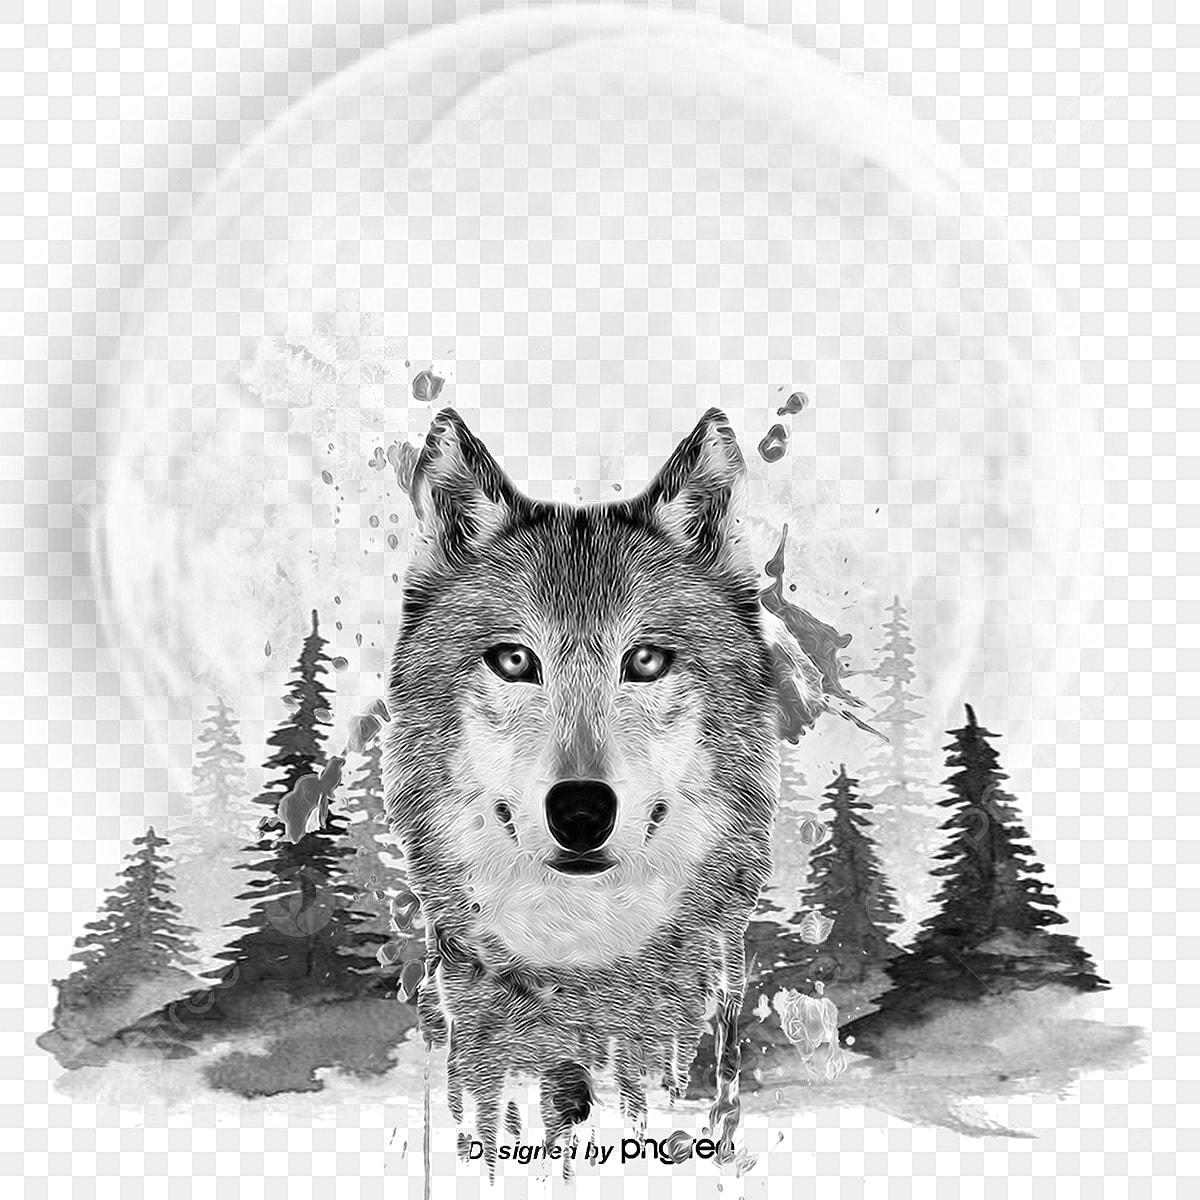 O Lobo Desenho De Lobo Animal O Lobo Arquivo Png E Psd Para